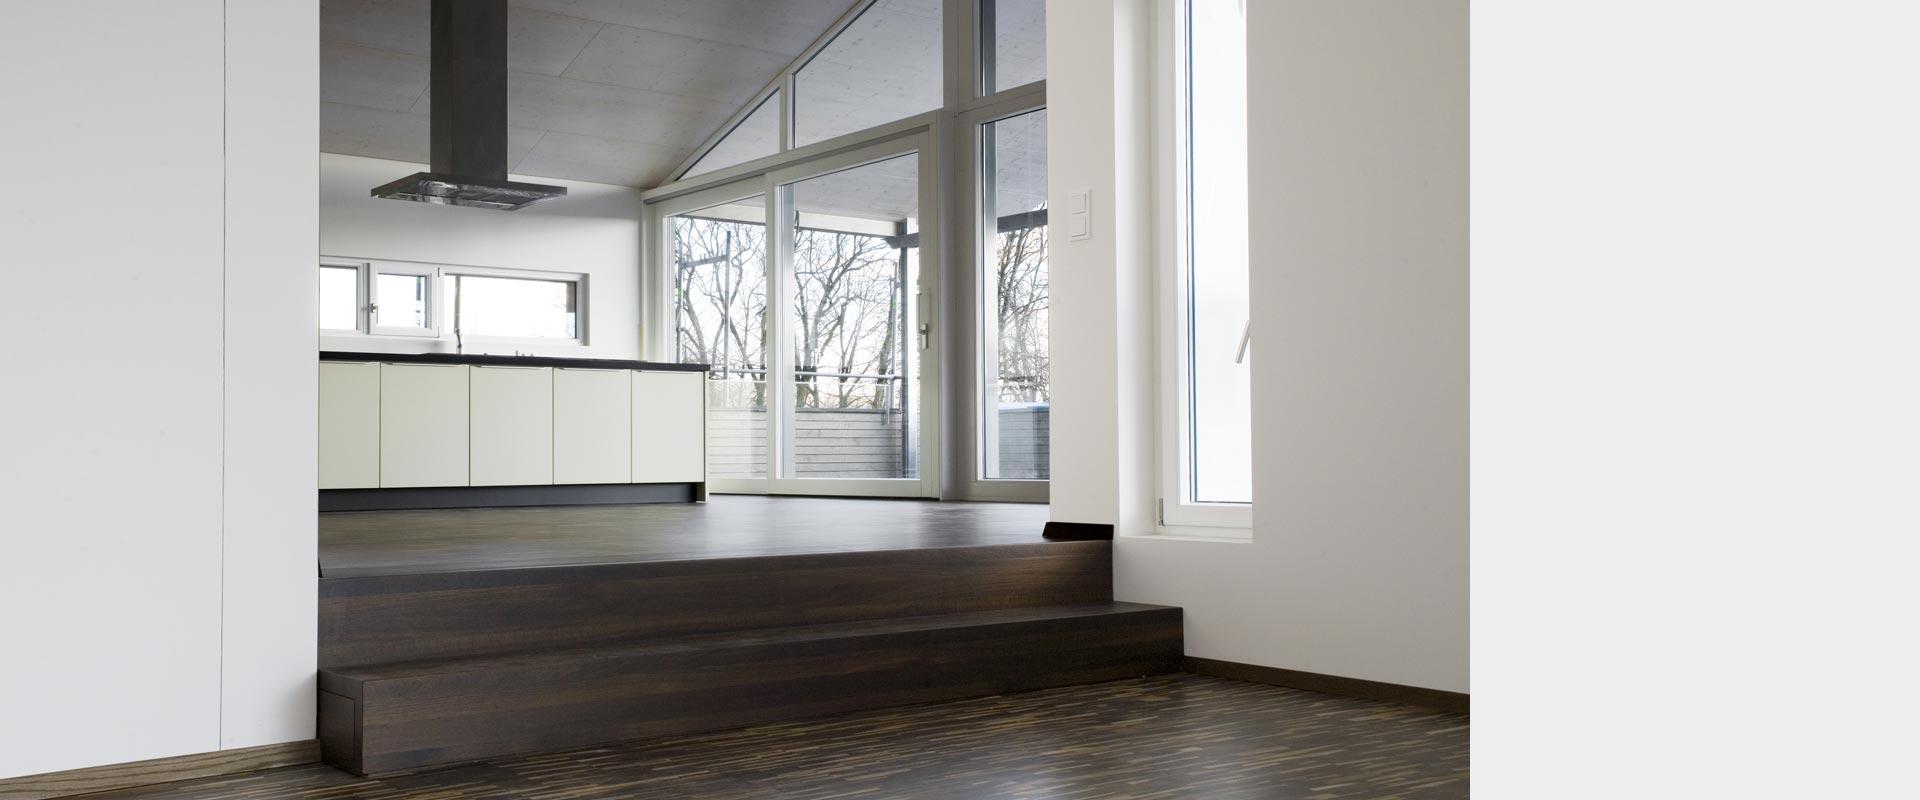 Architekturbüro Henning Musahl Waldshut Wohnhaus W. in Waldshut